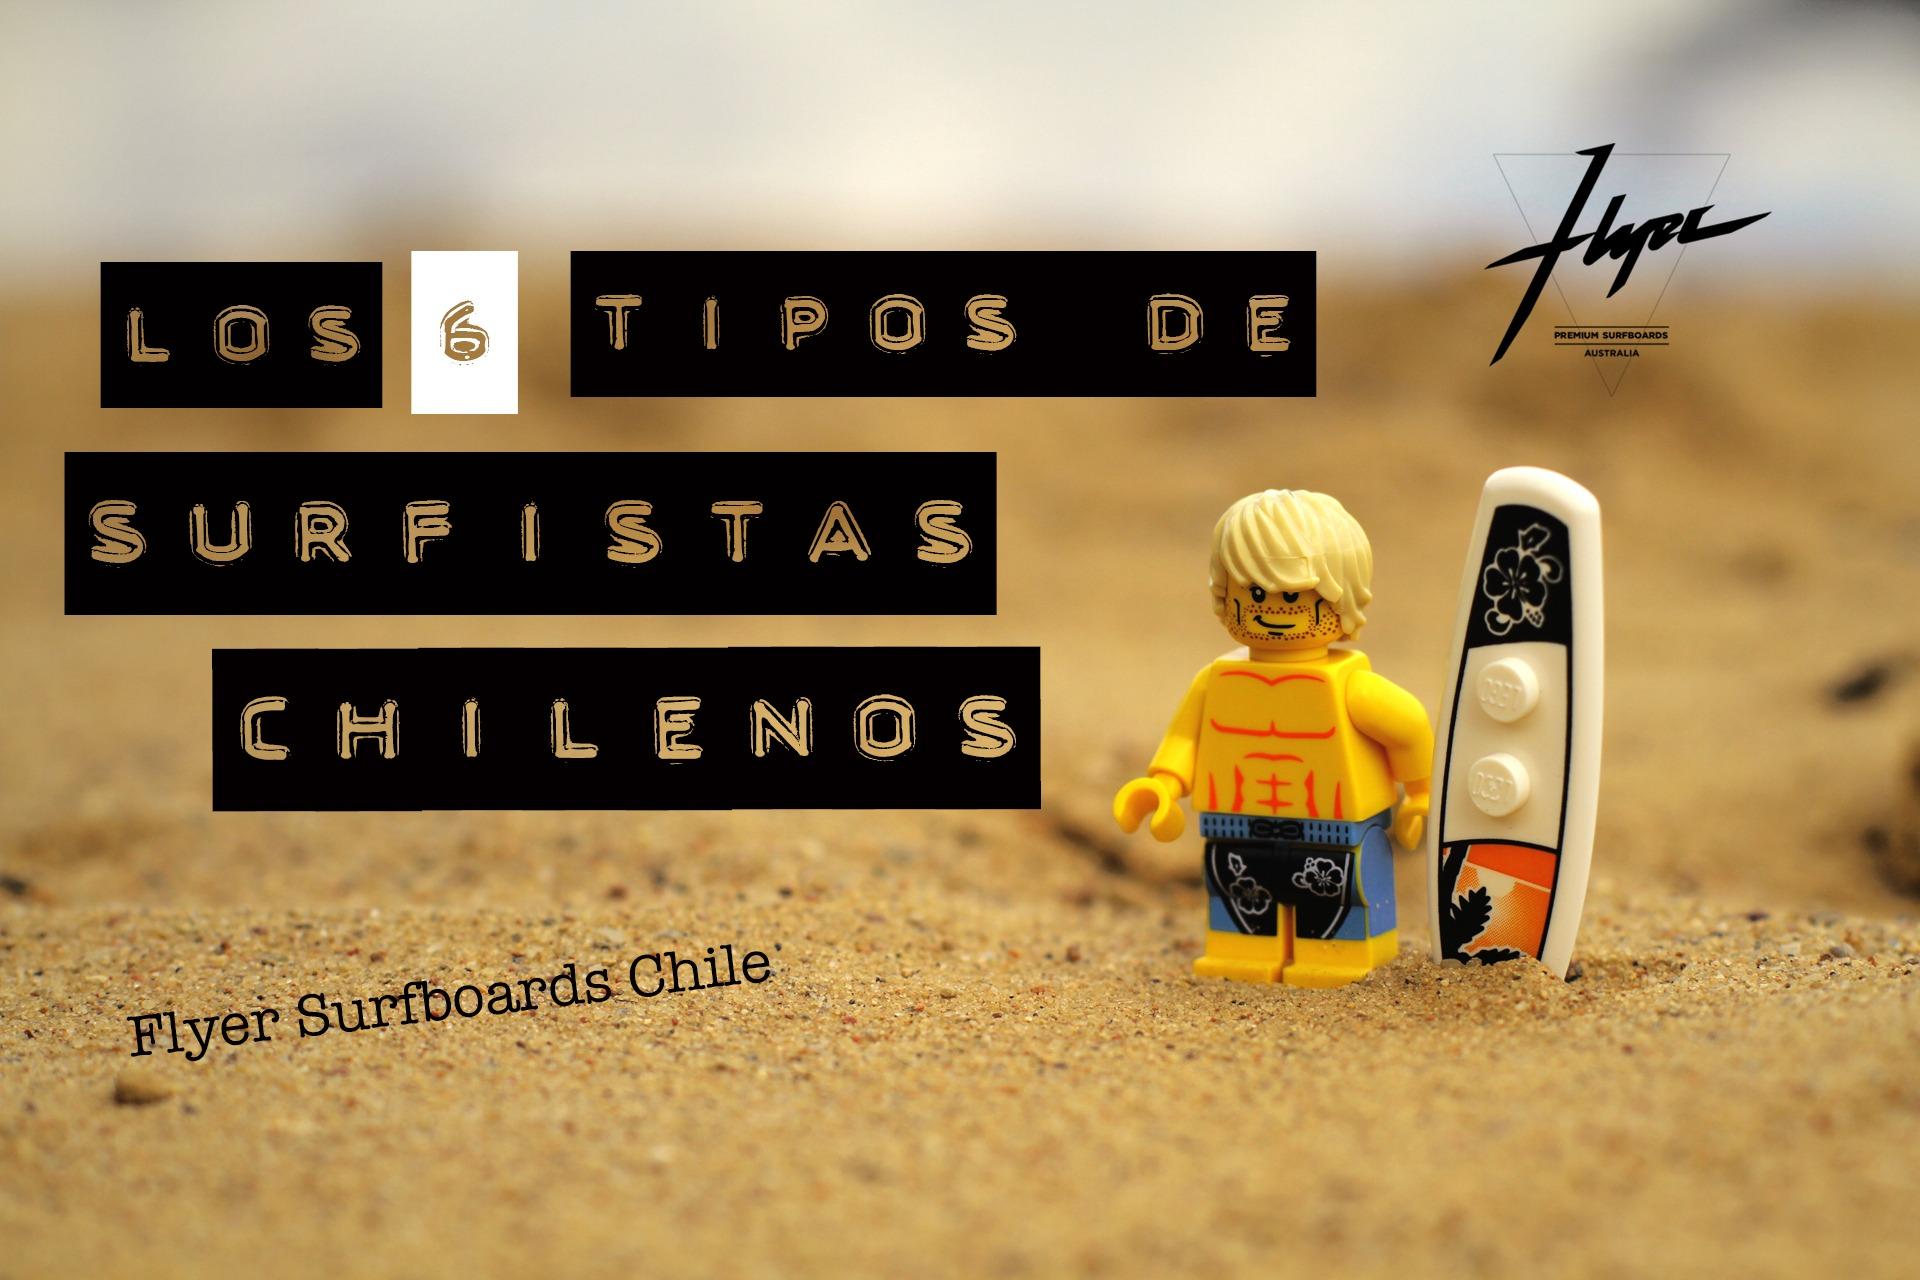 Tablas de surf en chile_Flyer Surfboards